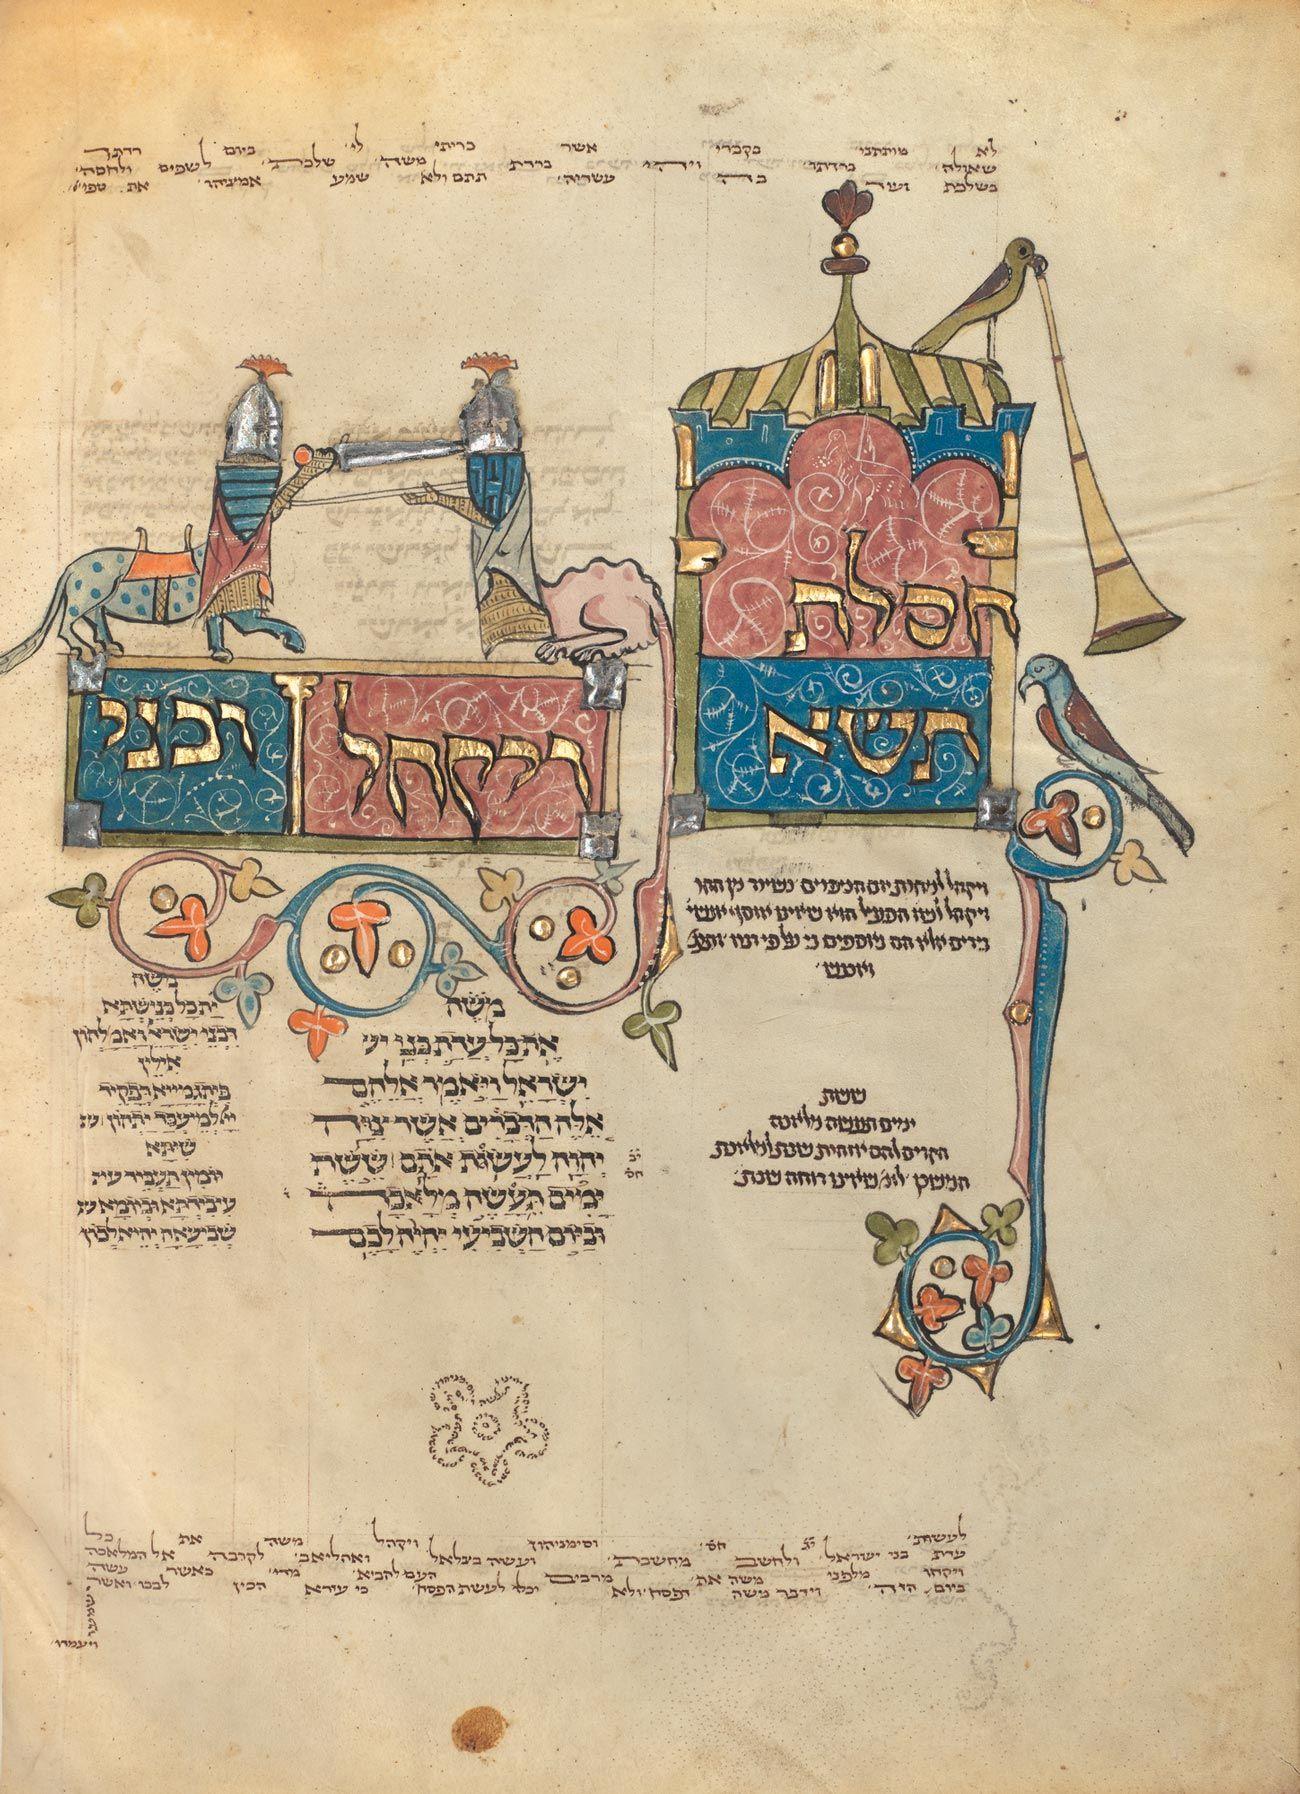 Pin on Illuminated Manuscripts